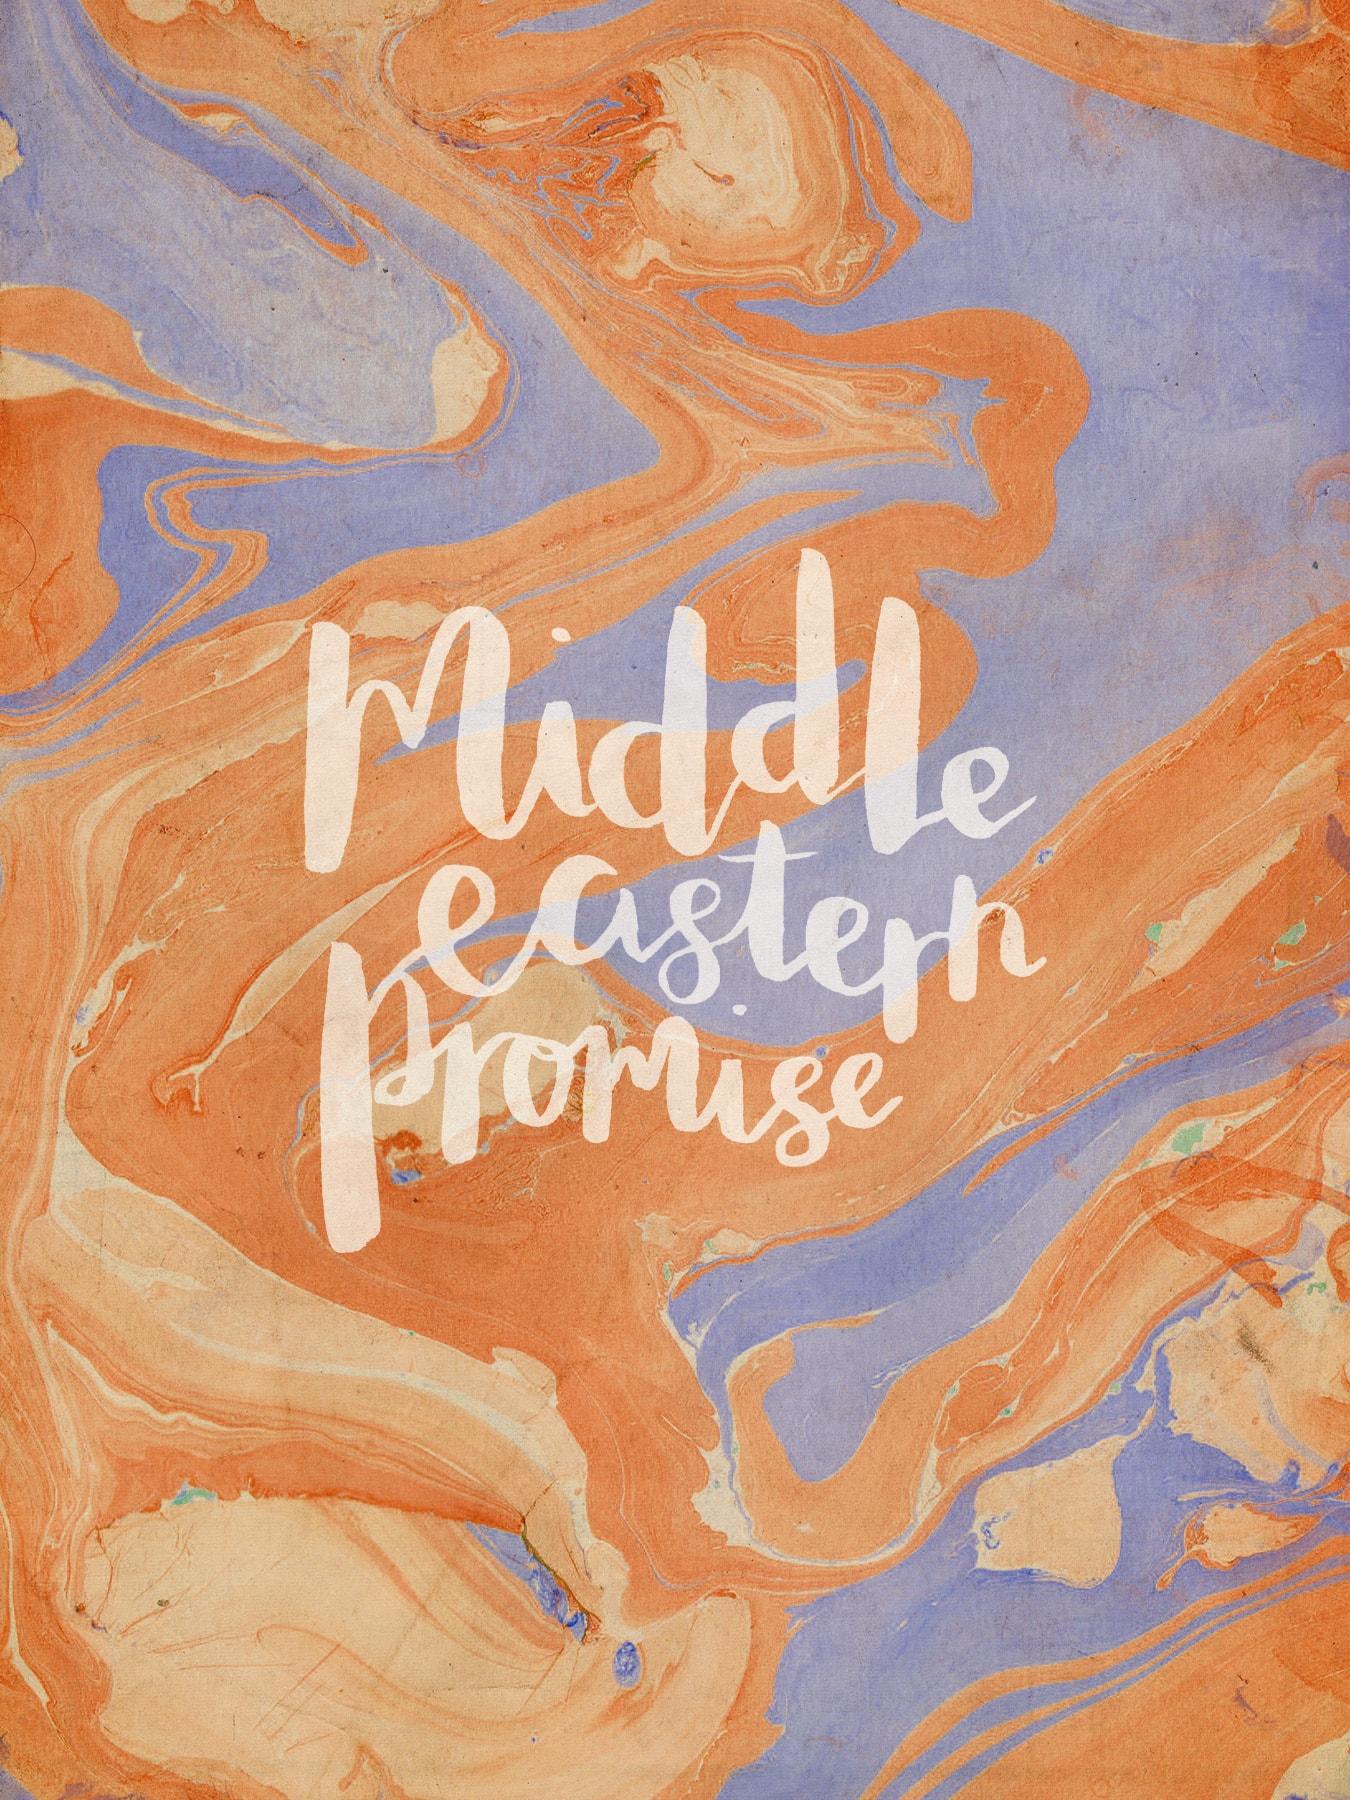 Middle_eastern_promise_EmilieSheehan.jpg